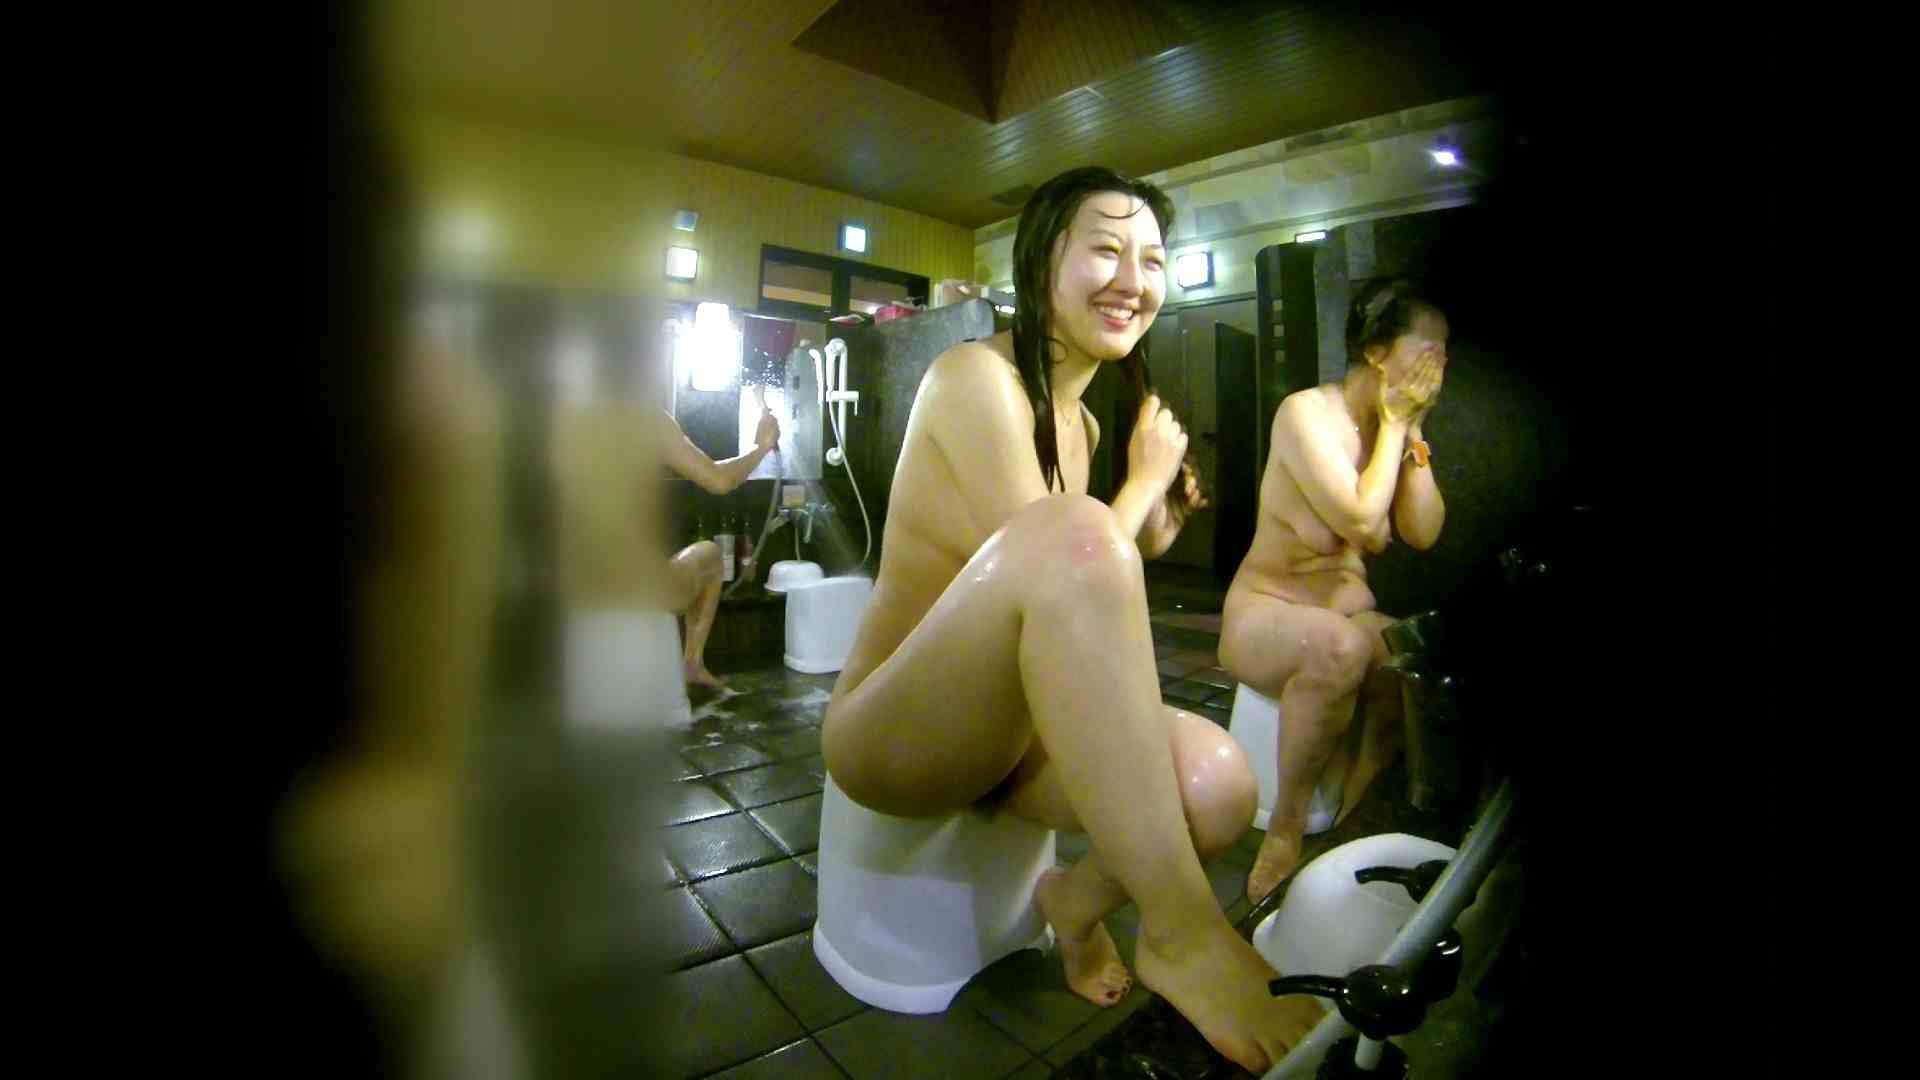 洗い場!右足の位置がいいですね。陰毛もっさり! お姉さんのSEX セックス無修正動画無料 107枚 37